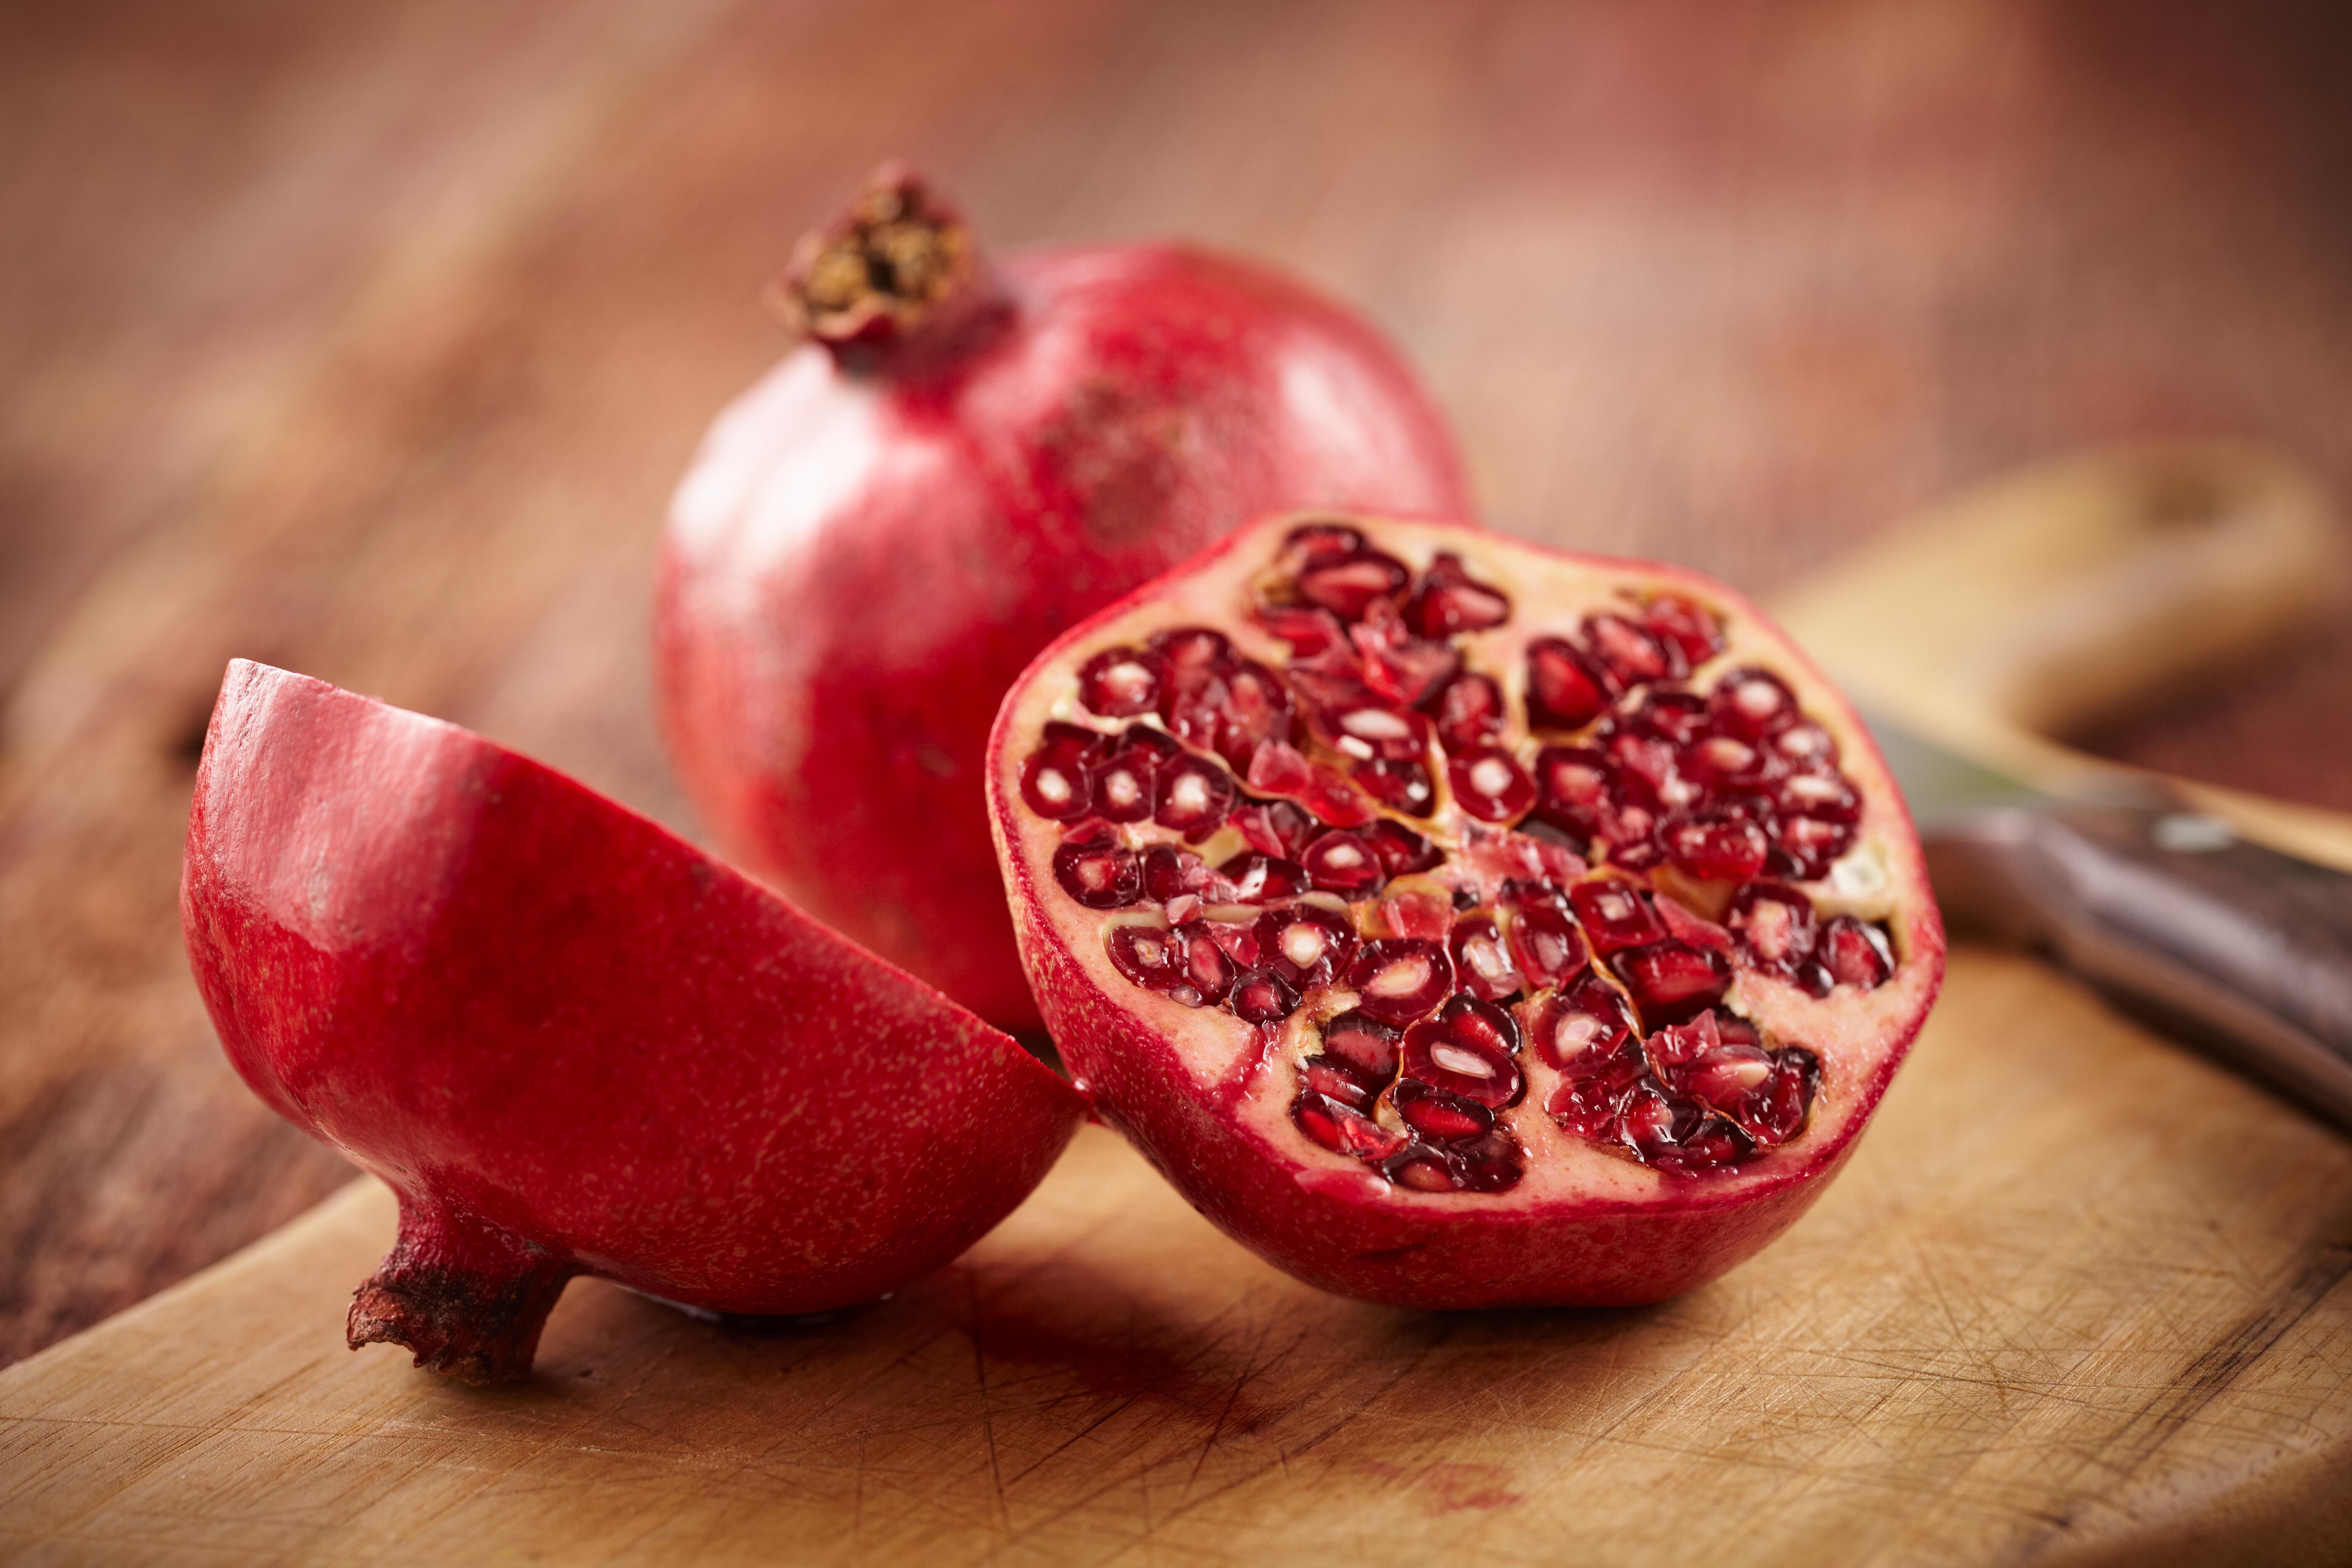 <p><strong>Нар</strong></p>  <p>Нарът е сред най-здравословните плодове. Доказано е, че нивата му на антиоксиданти са три пъти по-високи от тези в зеления чай и червеното вино. Проучванията също така показват, че има противовъзпалително действие и може да помогне за намаляване на риска от рак.</p>